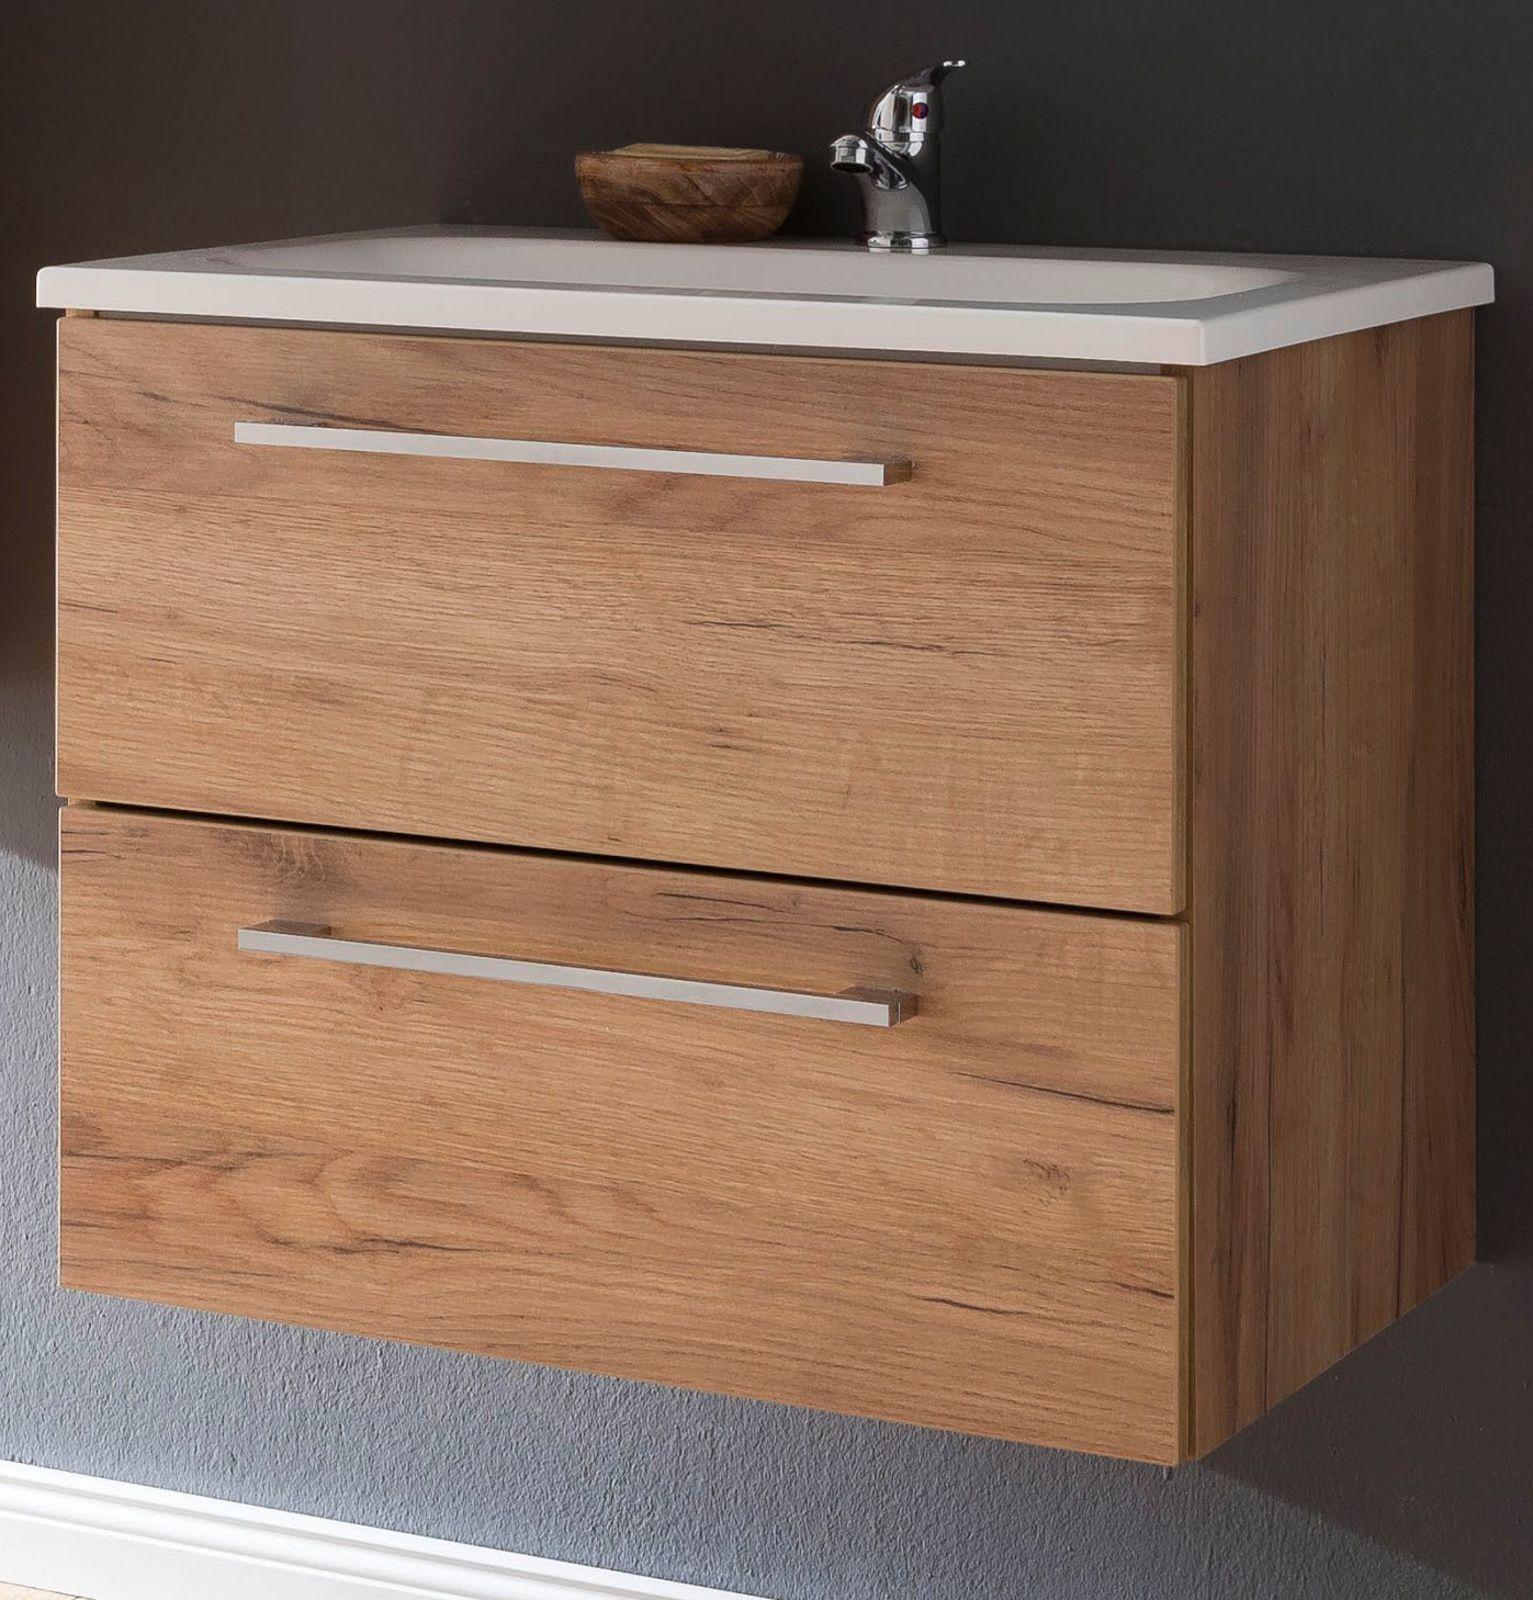 Waschbeckenunterschrank Hangend Holz Google Suche Waschbeckenunterschrank Badezimmer Unterschrank Holz Waschbeckenunterschrank Holz